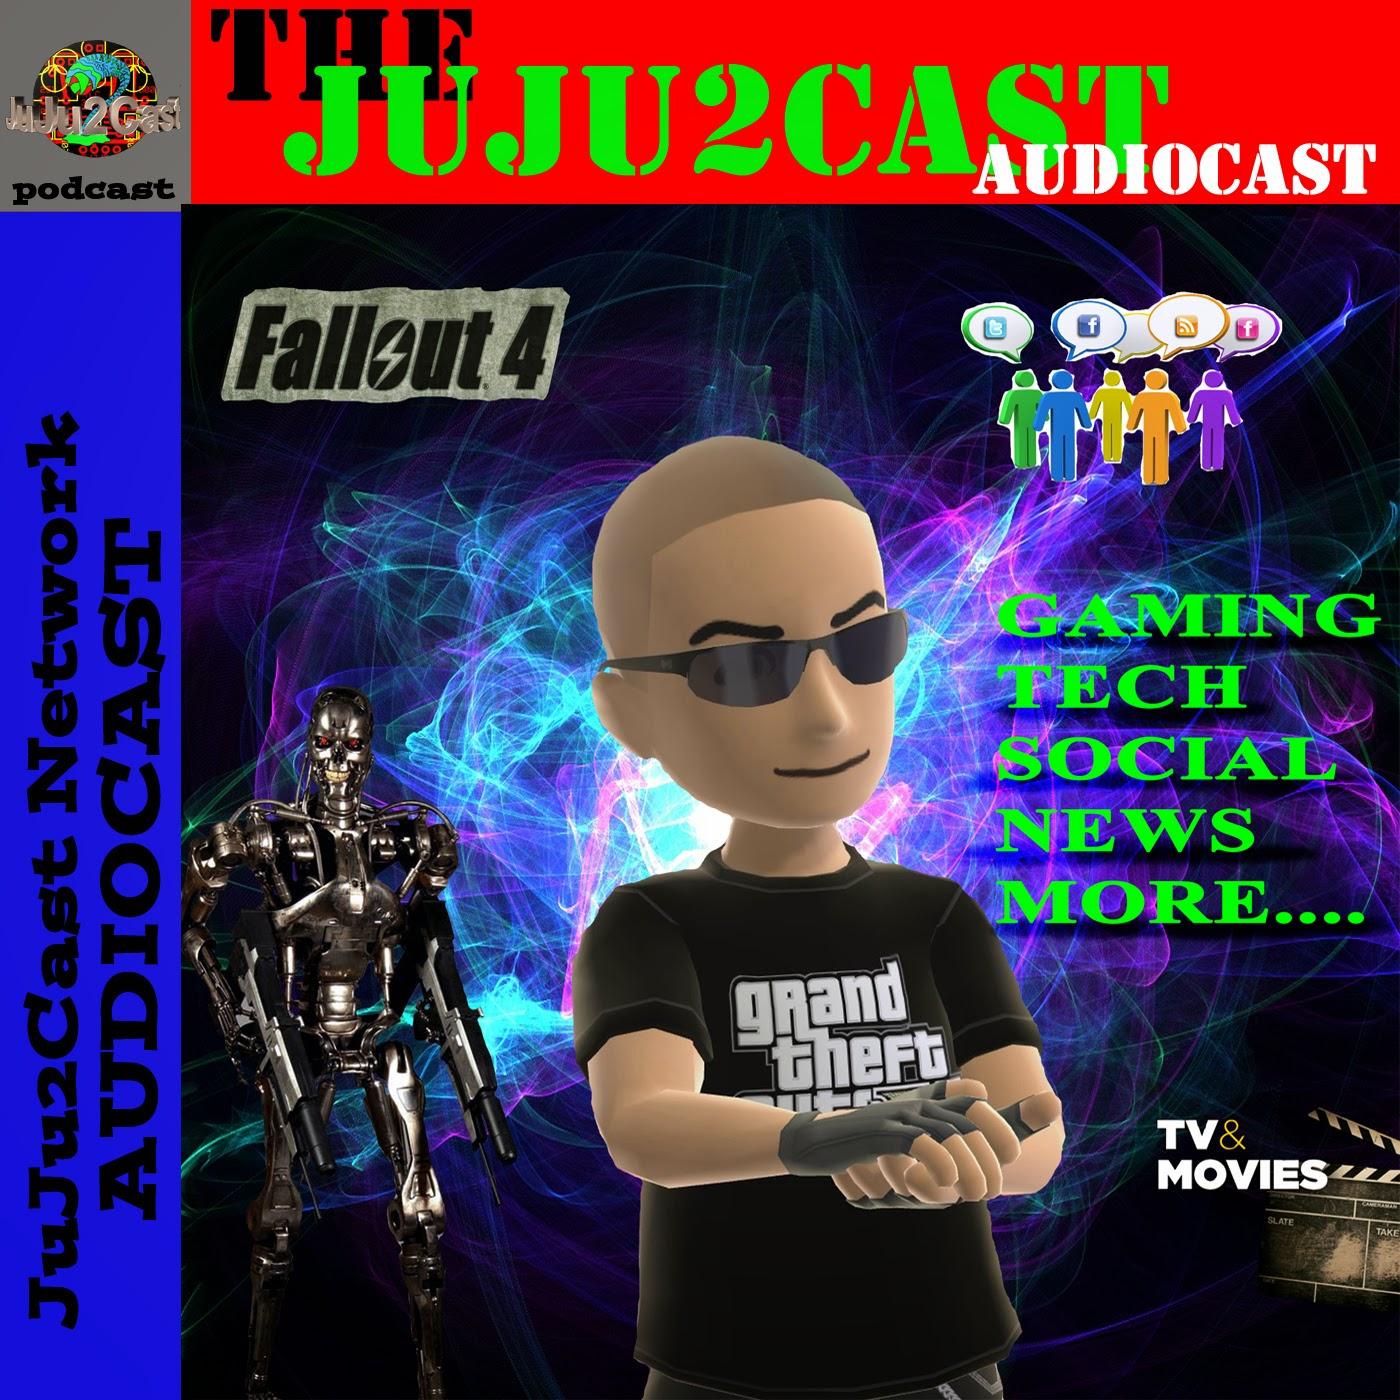 JuJu2Cast AudioCast